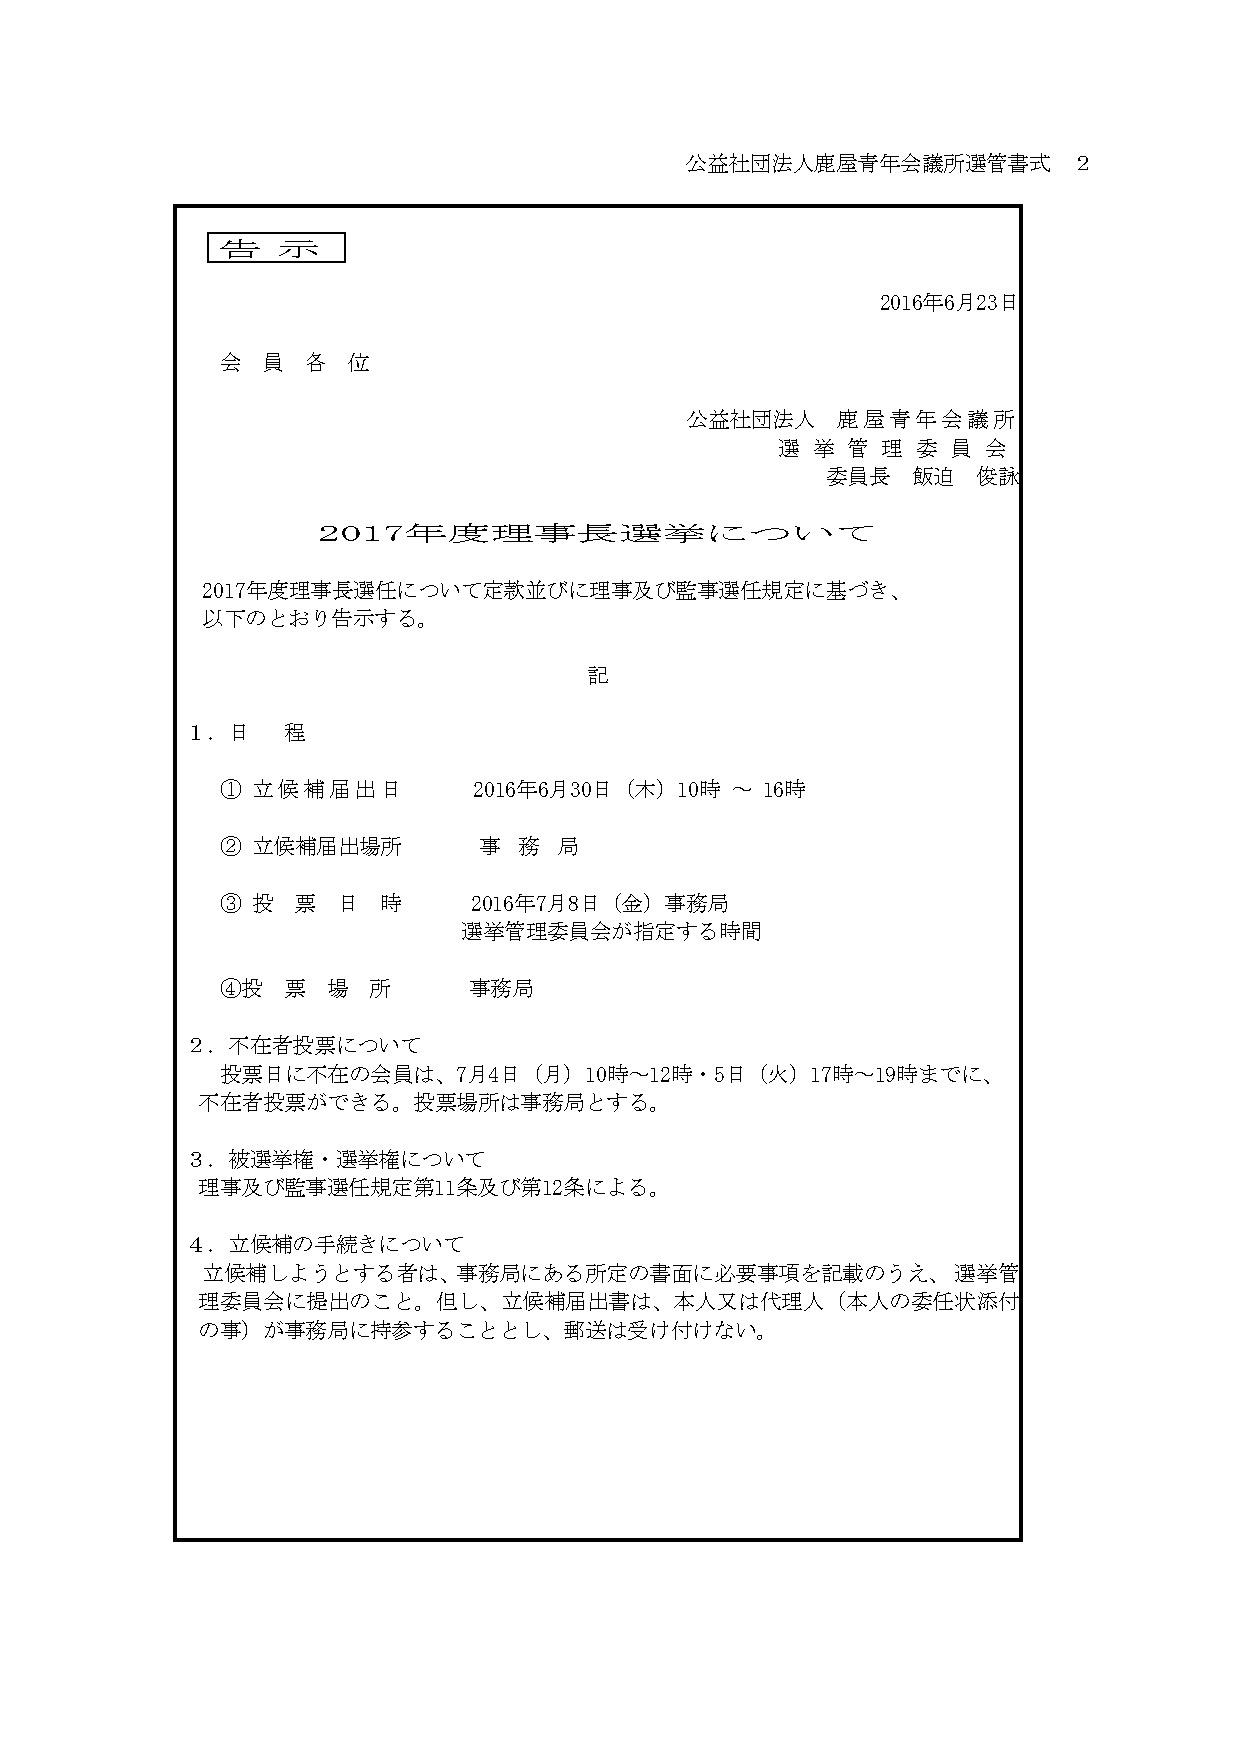 1,2理事長選挙告示2016審議20160623_ページ_2